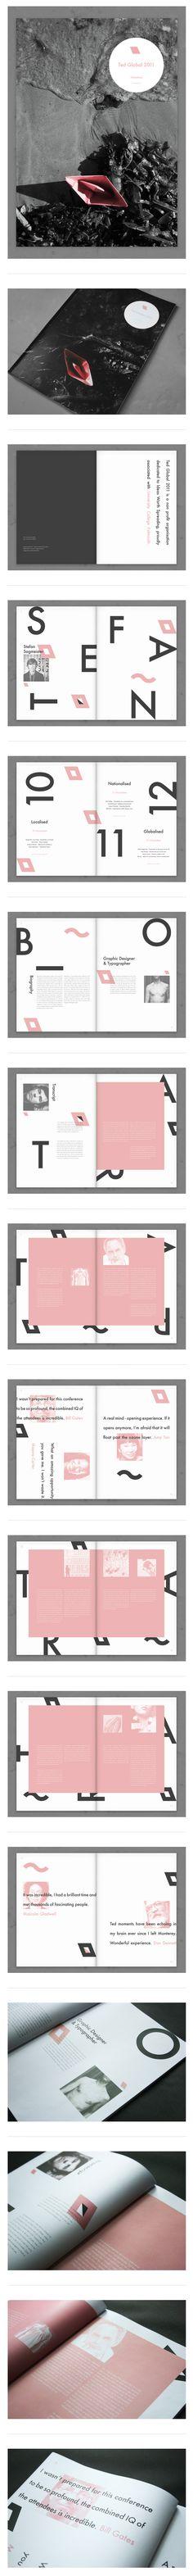 http://www.behance.net/gallery/Ted-Global-2011/4952893